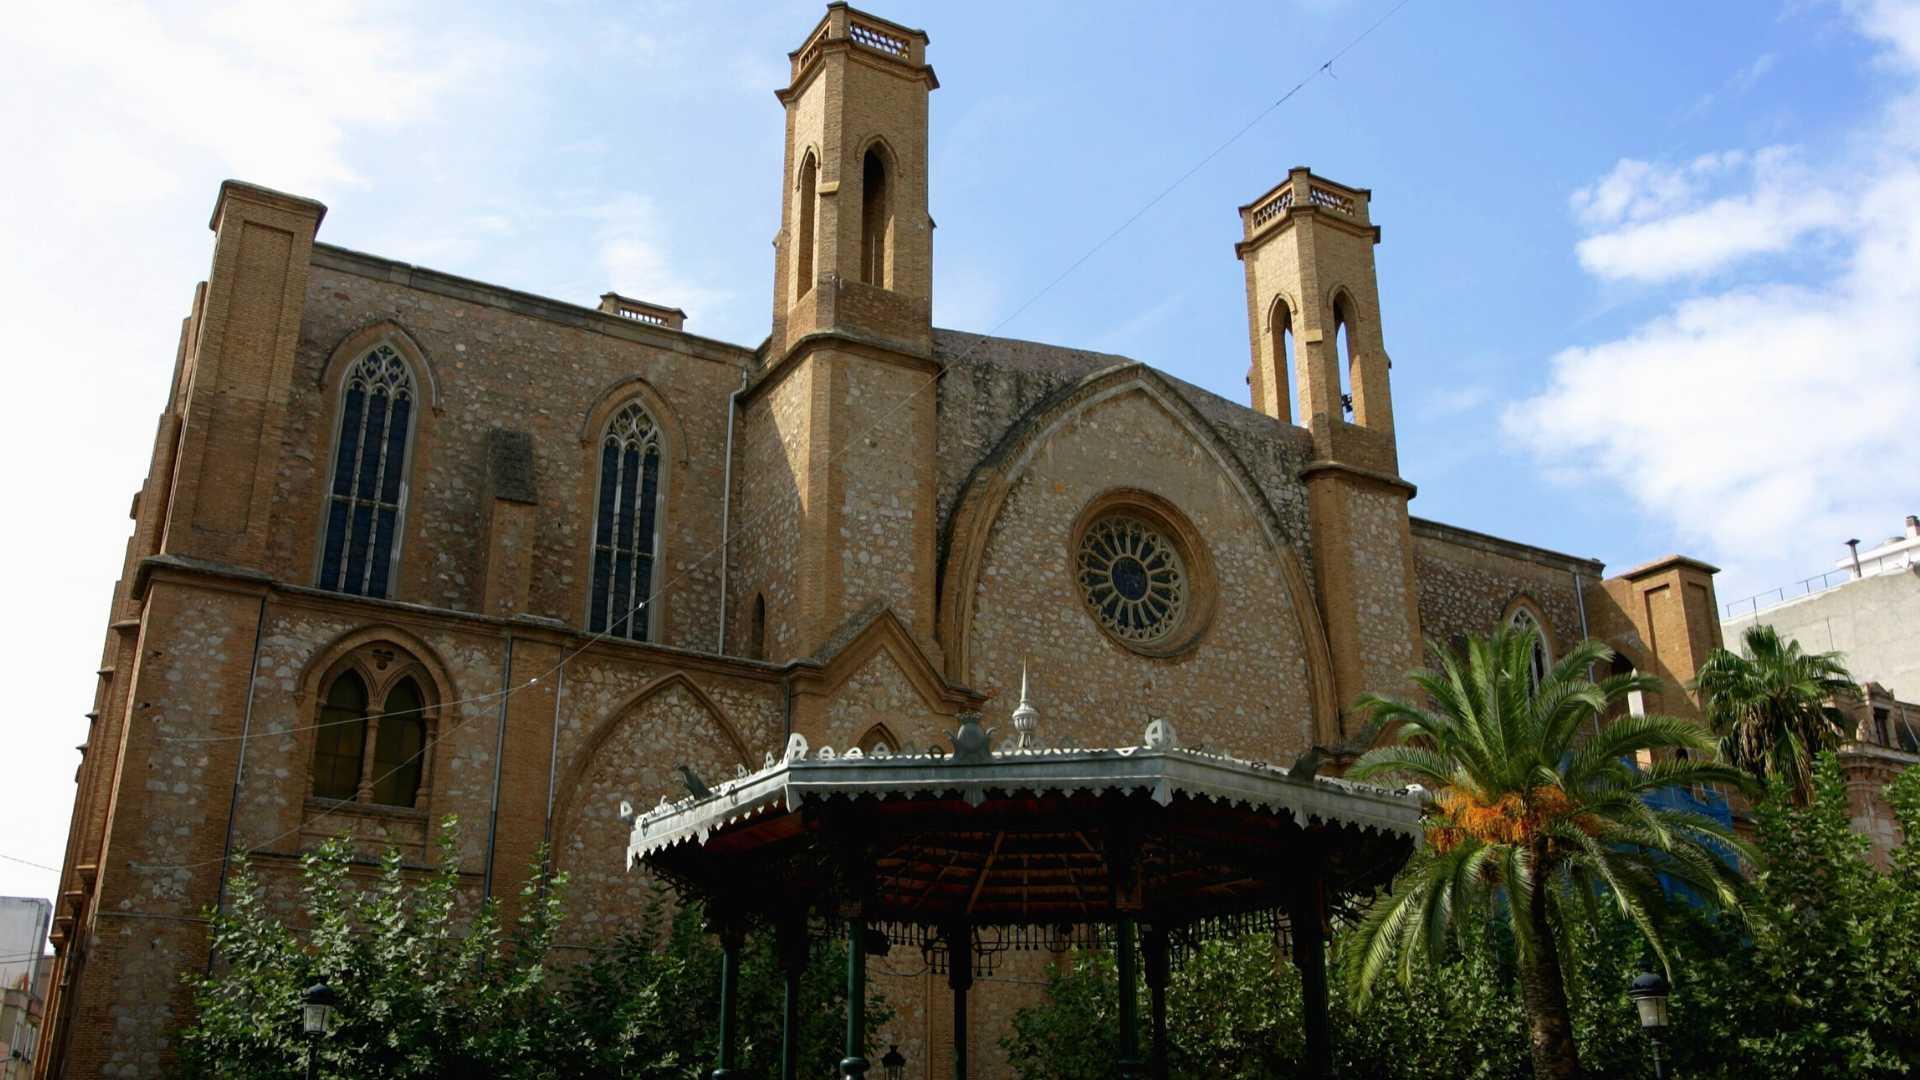 Temple De Sant Josep dels Carmelites Descalços